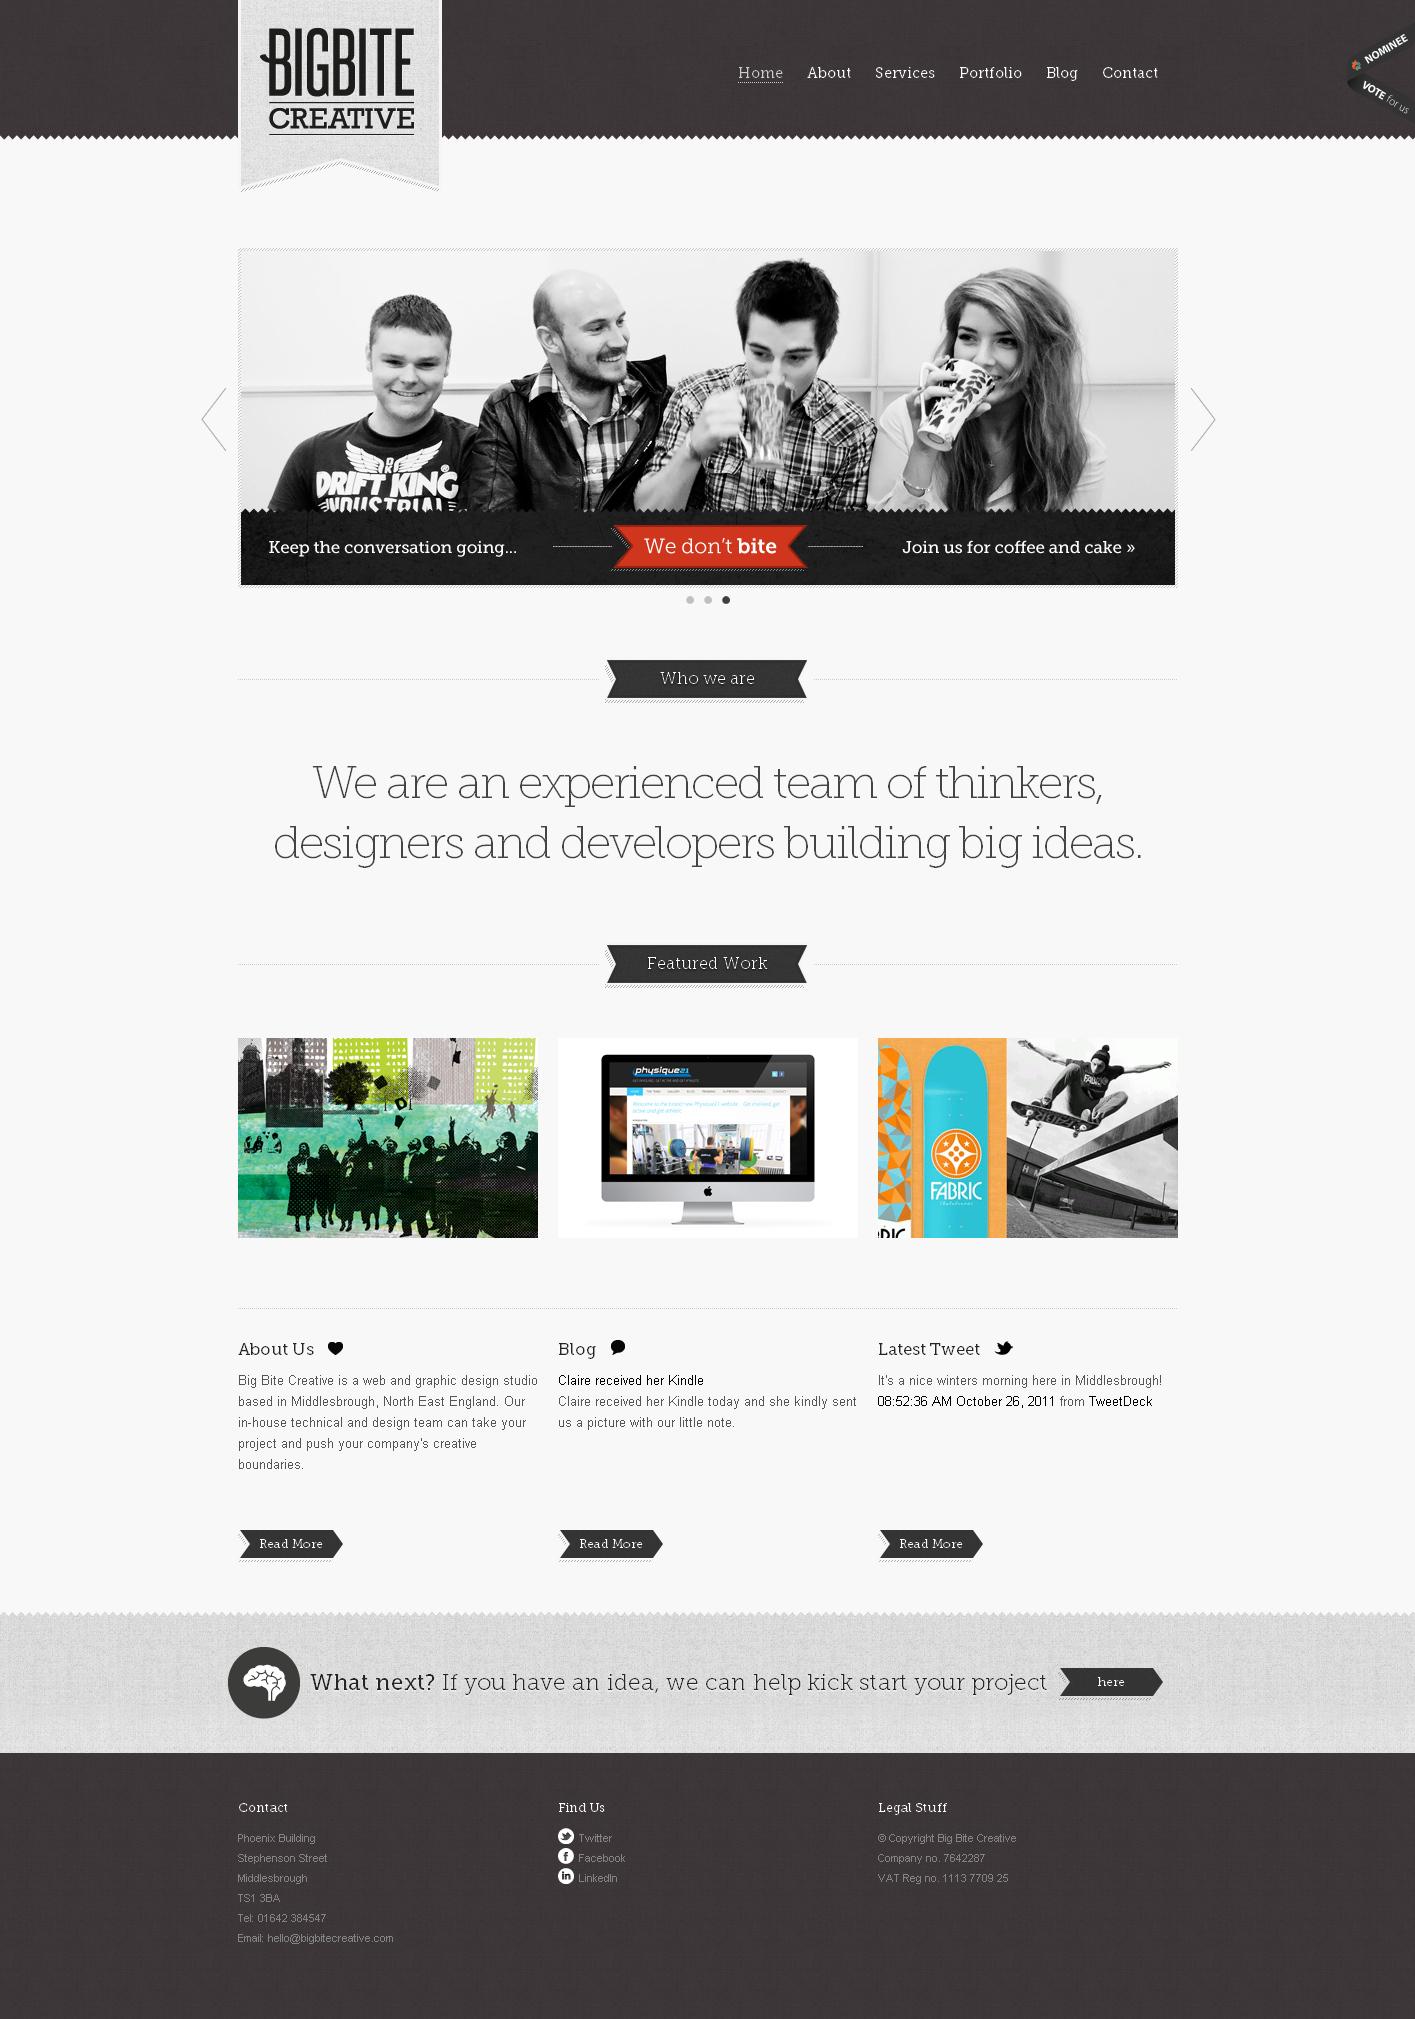 英国big bite创意网页设计及平面设计